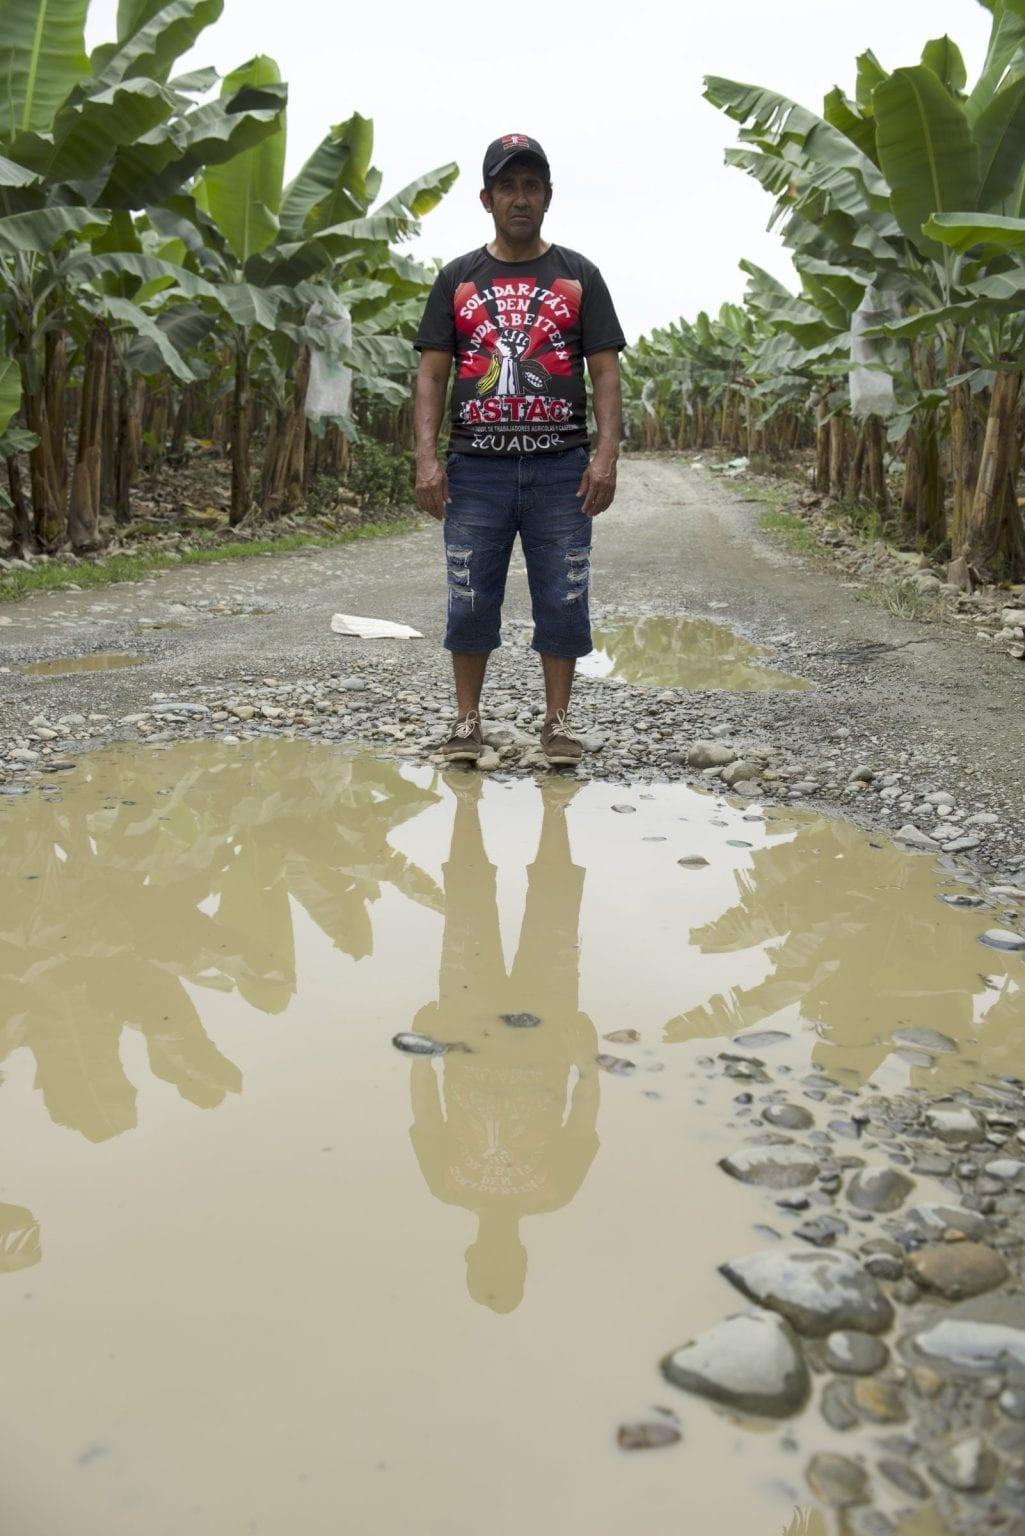 Det er farligt at sige fra over for arbejdsforholdene. Her ses Luis Ochoa, tidligere bananarbejder gennem mere end 30 år. Han må gemme sig, efter at han har modtaget mordtrusler for at være med til at organisere andre bananarbejdere.